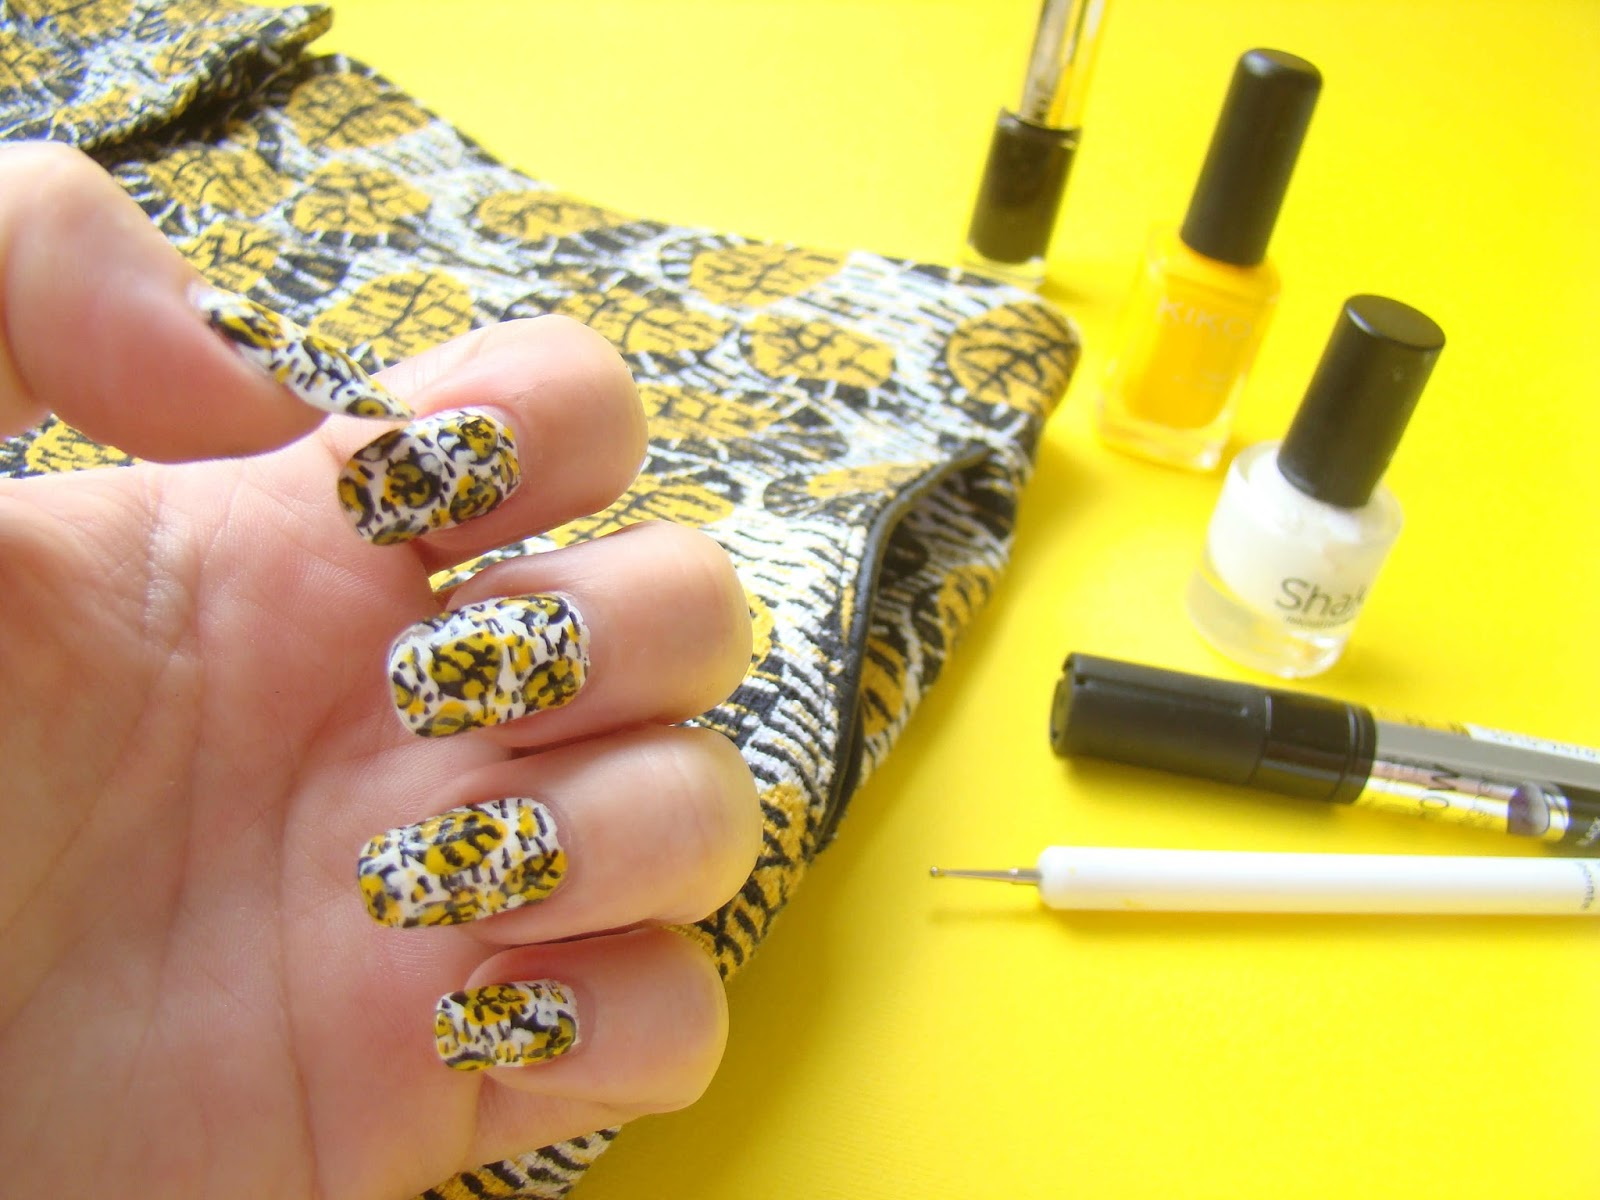 Nail art wax